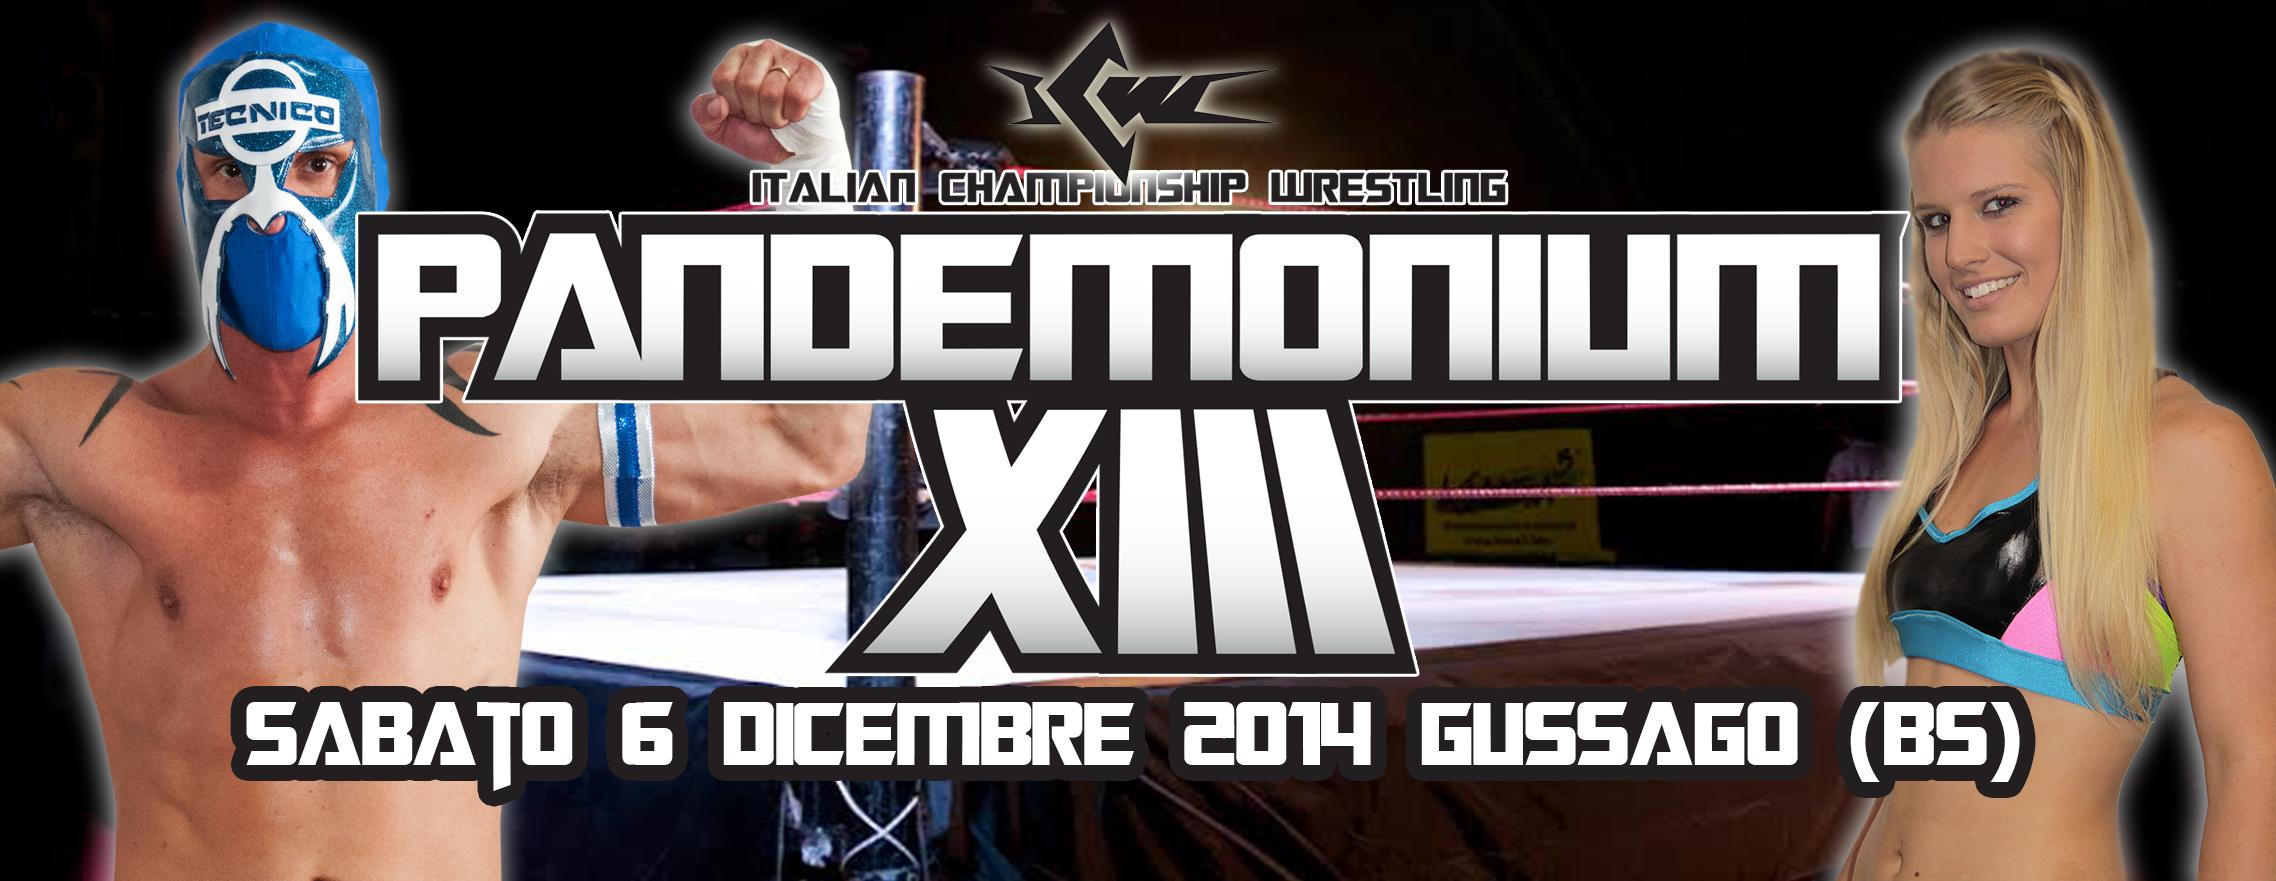 Programma completo del Grande Evento di stasera a Gussago (BS): ICW Pandemonium XIII è qui!